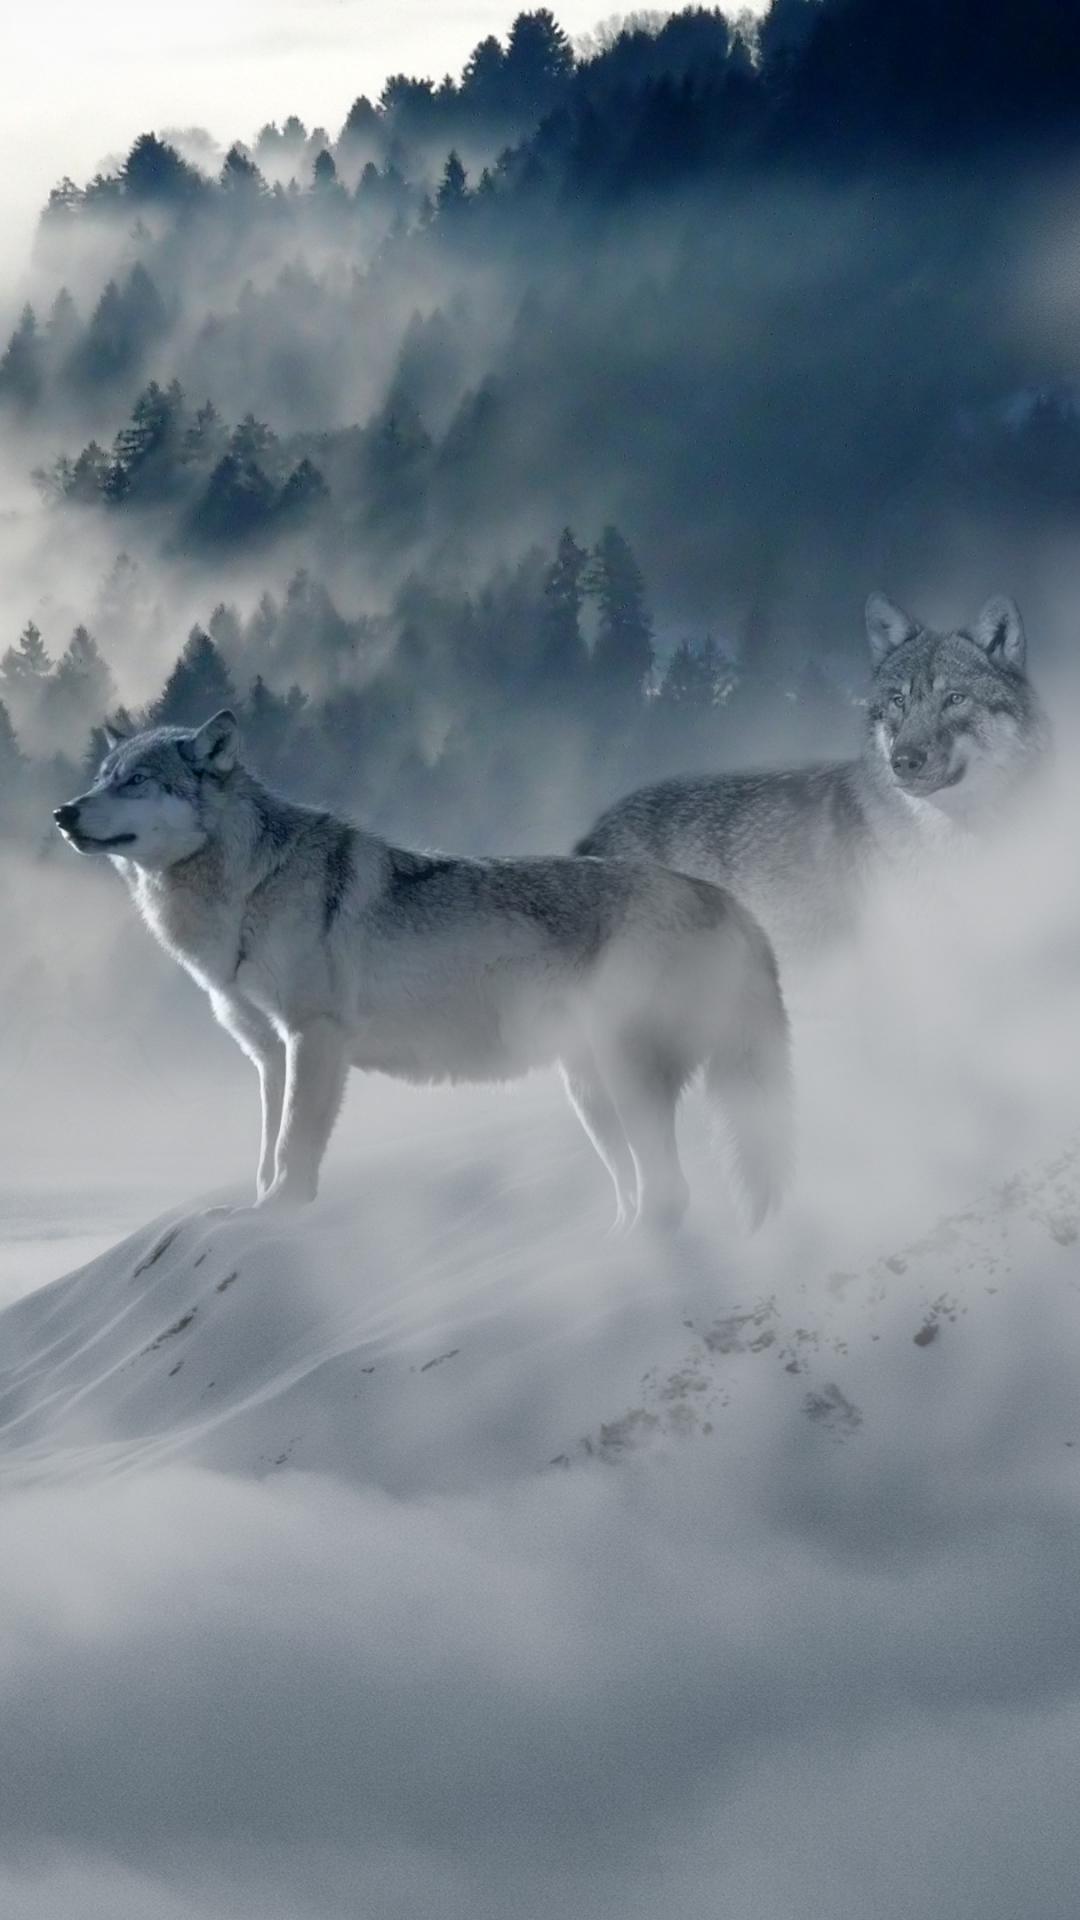 iphone wallpaper wolf wolves predators fog snow mountains 3Wallpapers : notre sélection de fonds décran iPhone du 19/08/2017